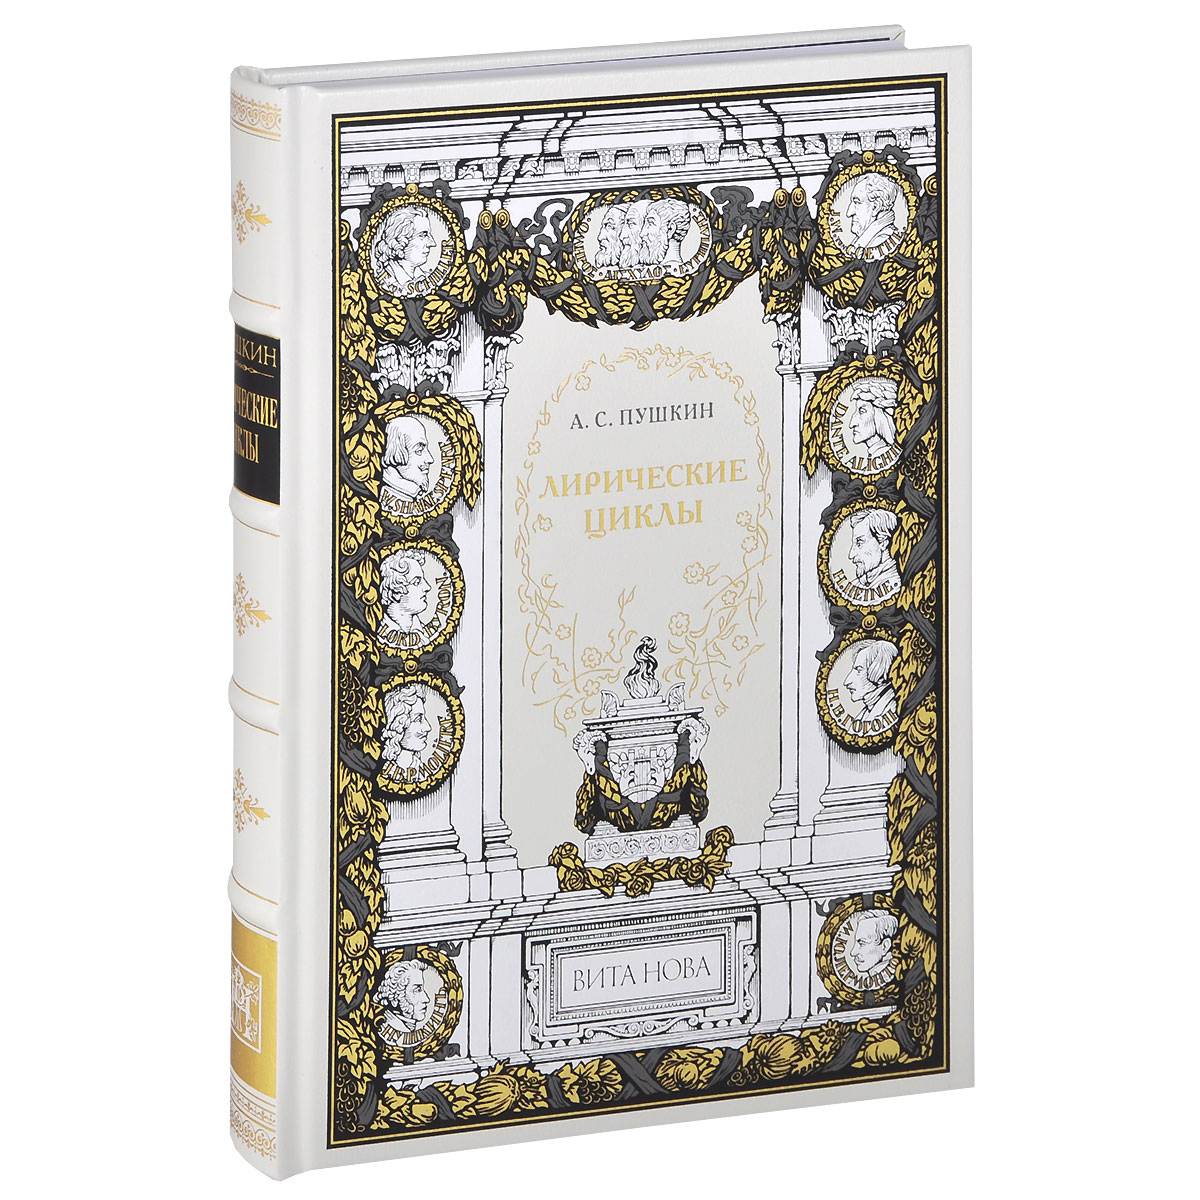 А. С. Пушкин А. С. Пушкин. Лирические циклы (подарочное издание)